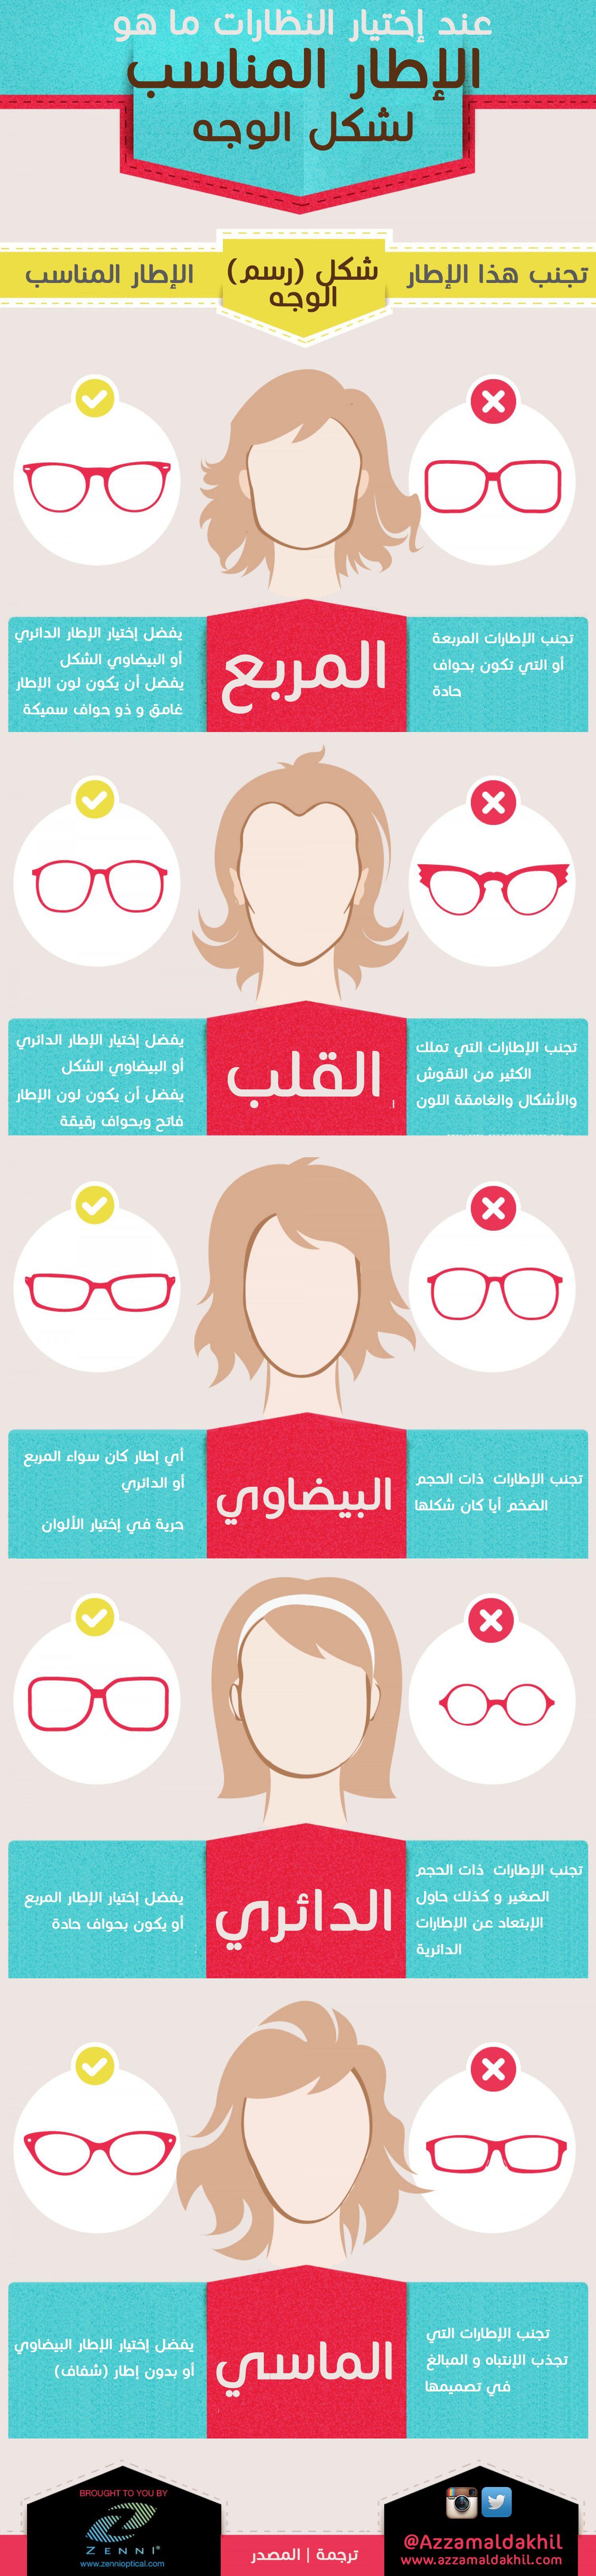 عند إختيار النظارات ما هو الإطار المناسب مع شكل الوجه Http Azzamaldakhil Com Azzam 2013 Glasses For Your Face Shape Learning English Is Fun Positive Notes